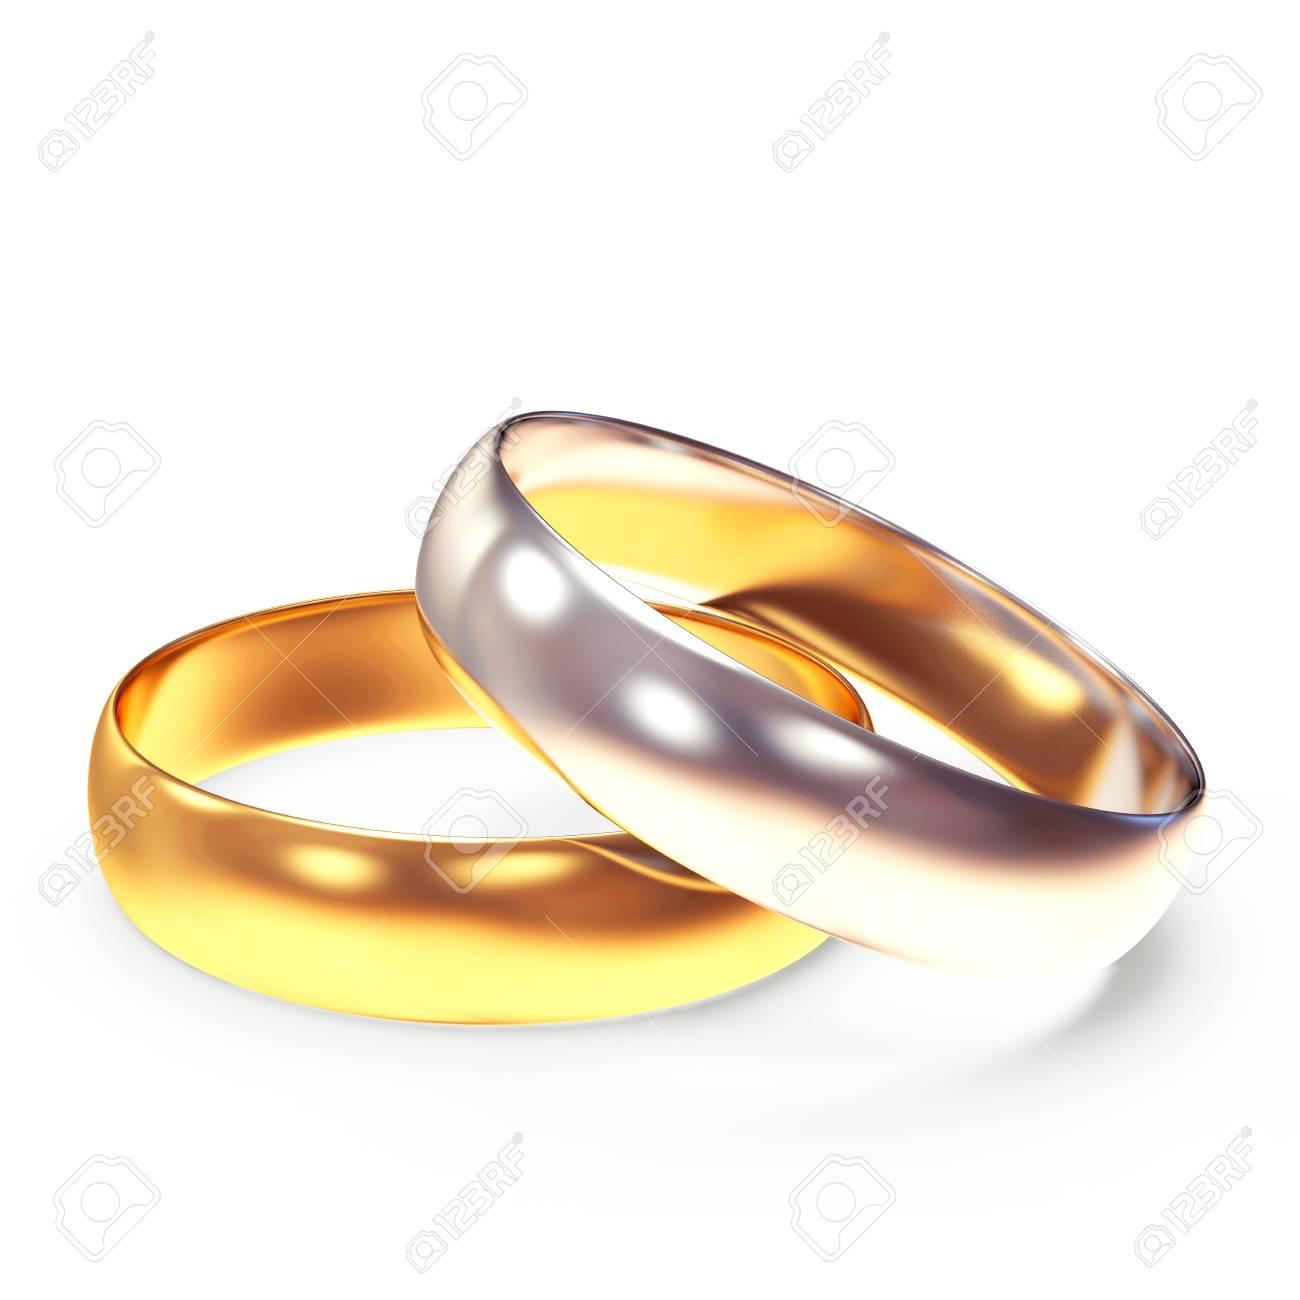 Goldene Und Silberne Hochzeit Ringe Auf Weissem Hintergrund